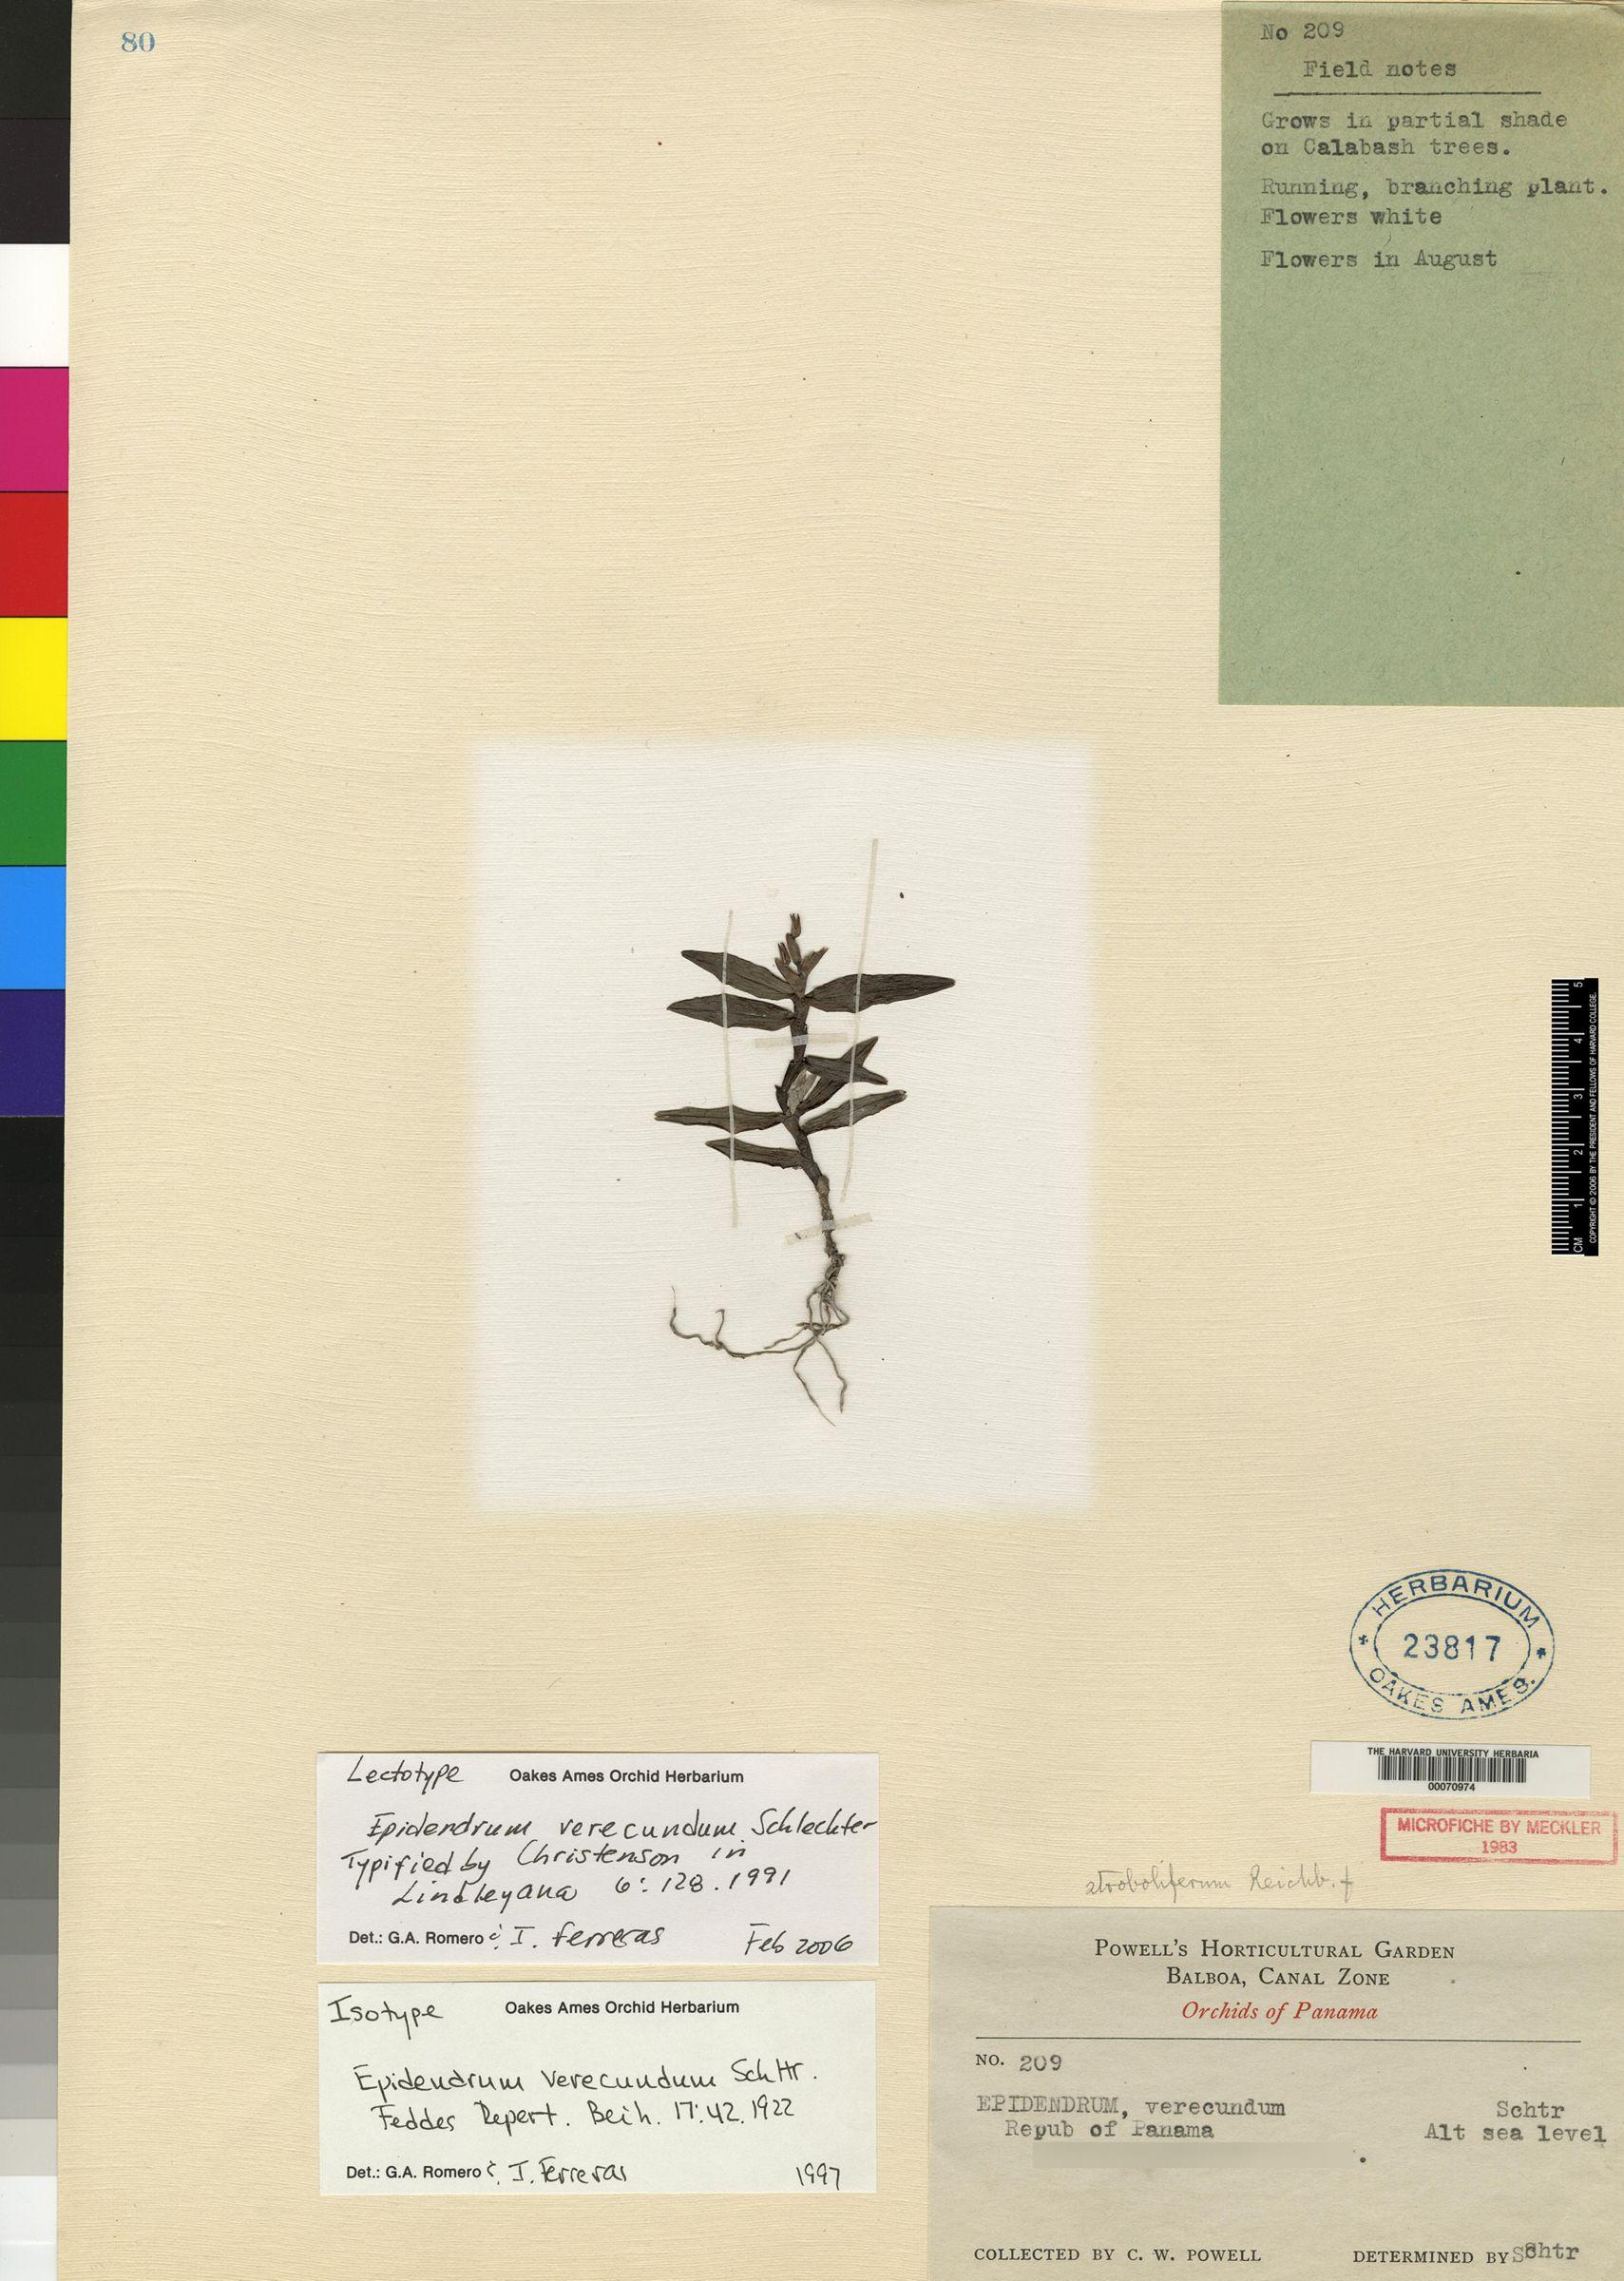 Epidendrum strobiliferum image